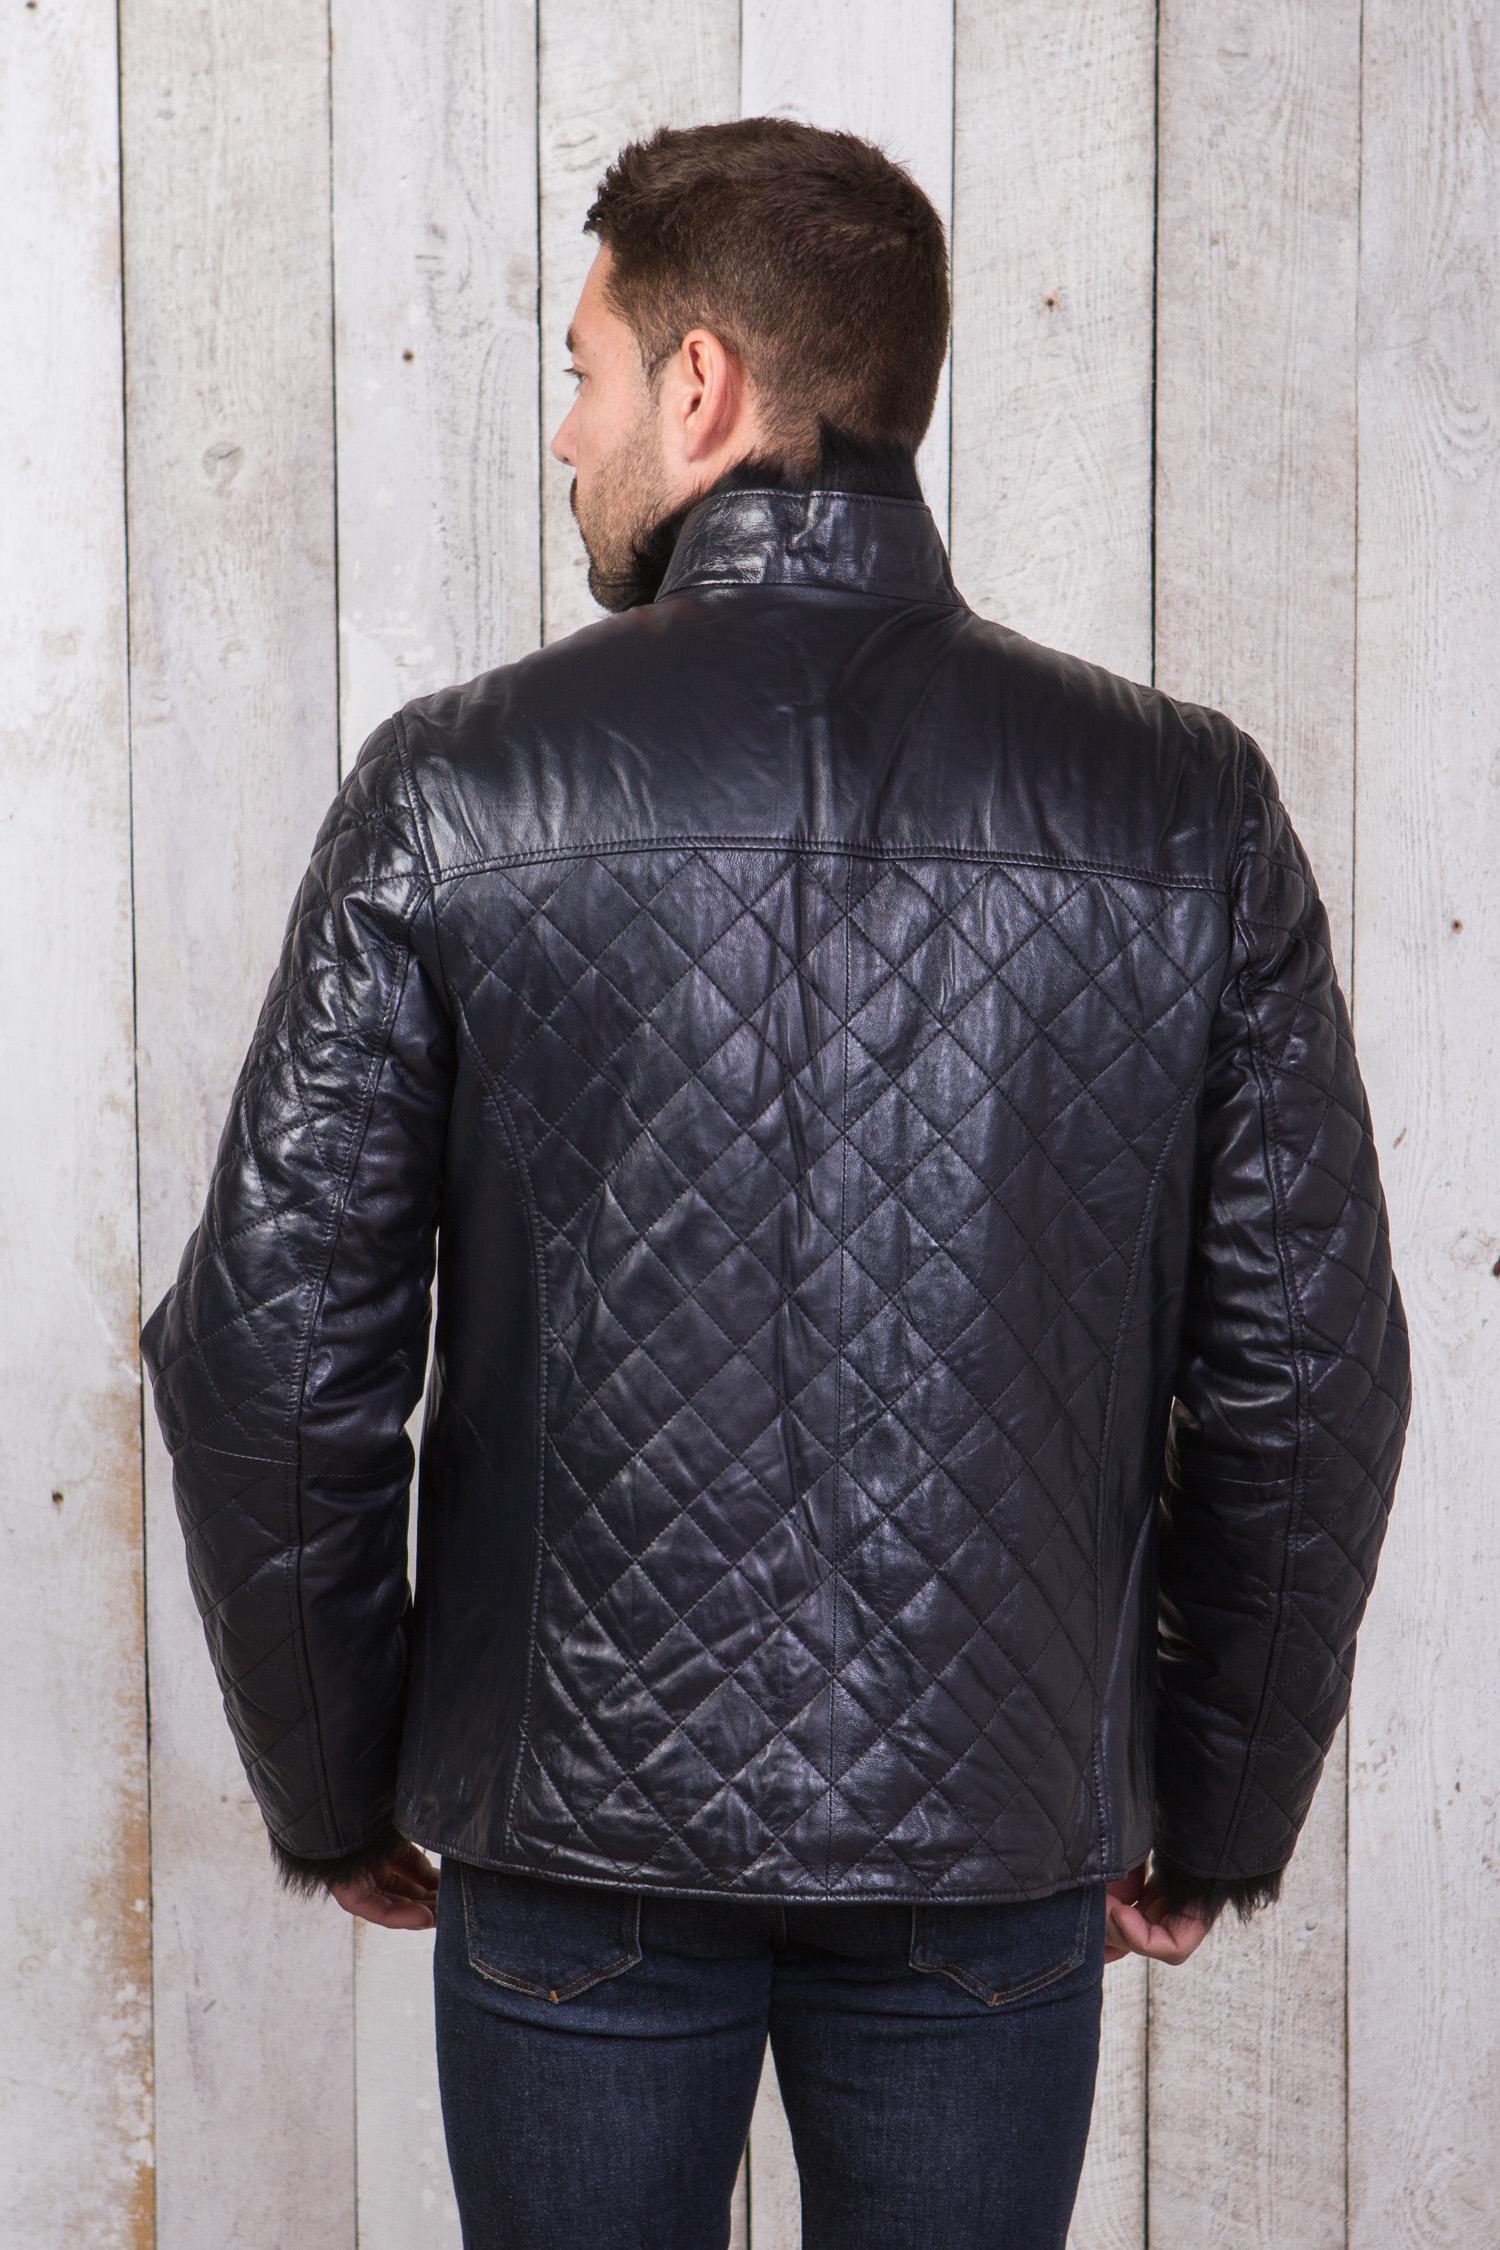 Фото 8 - Мужская кожаная куртка из натуральной кожи на меху с воротником от МОСМЕХА синего цвета